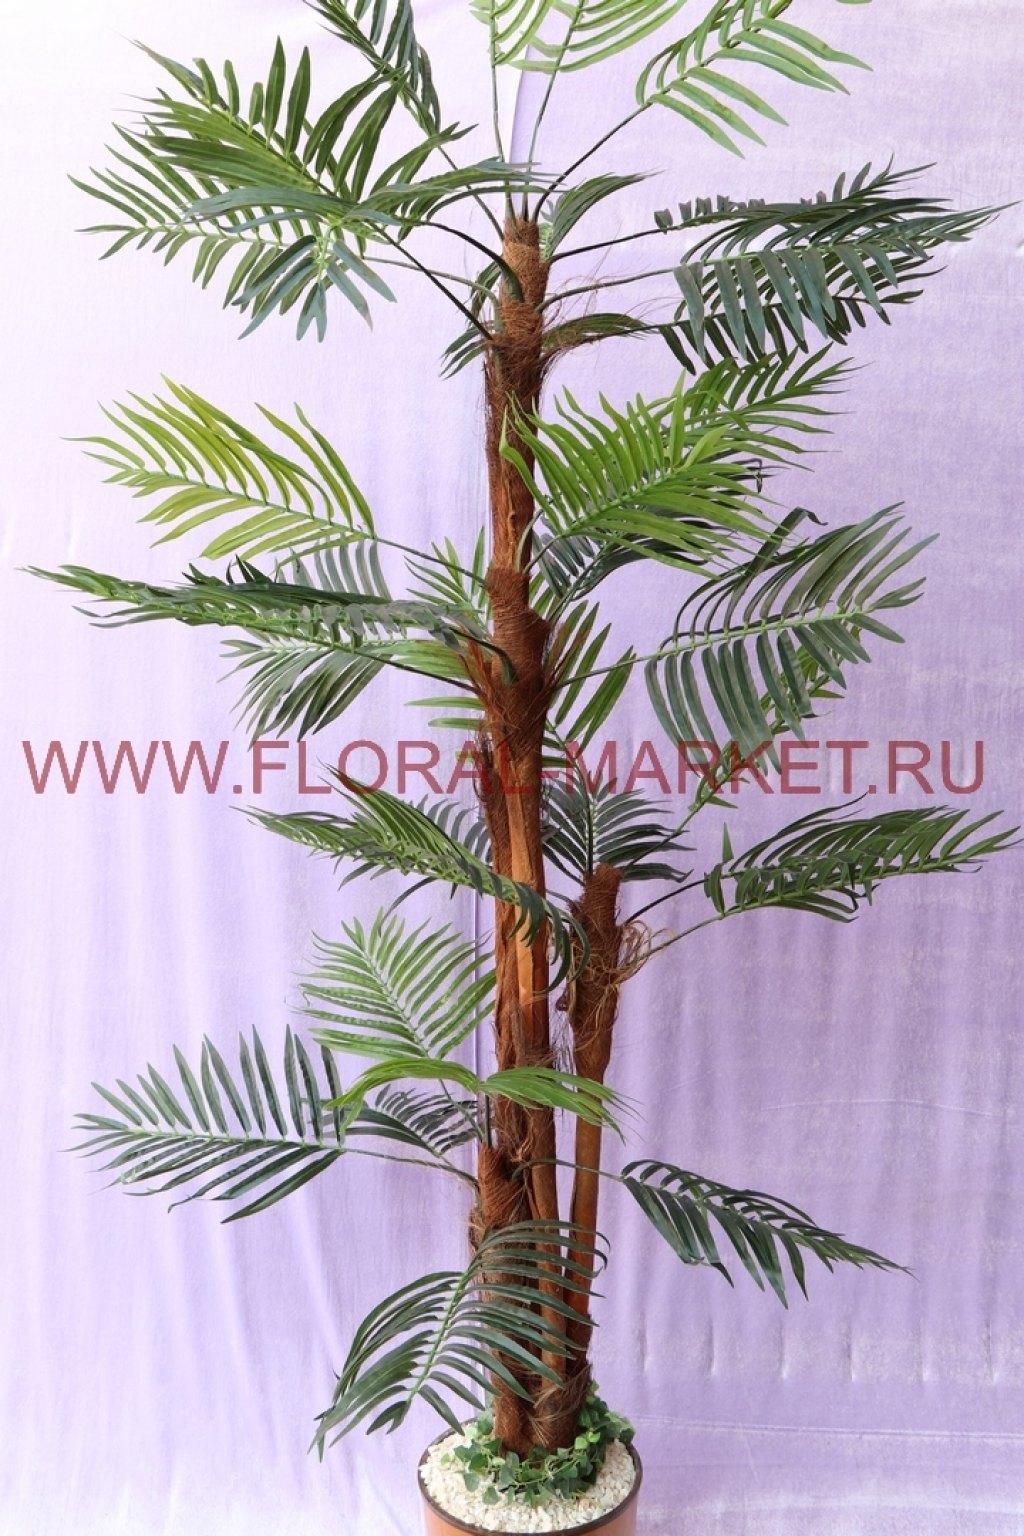 Пальма Финиковая 4 ствола Витязь h=205 см.